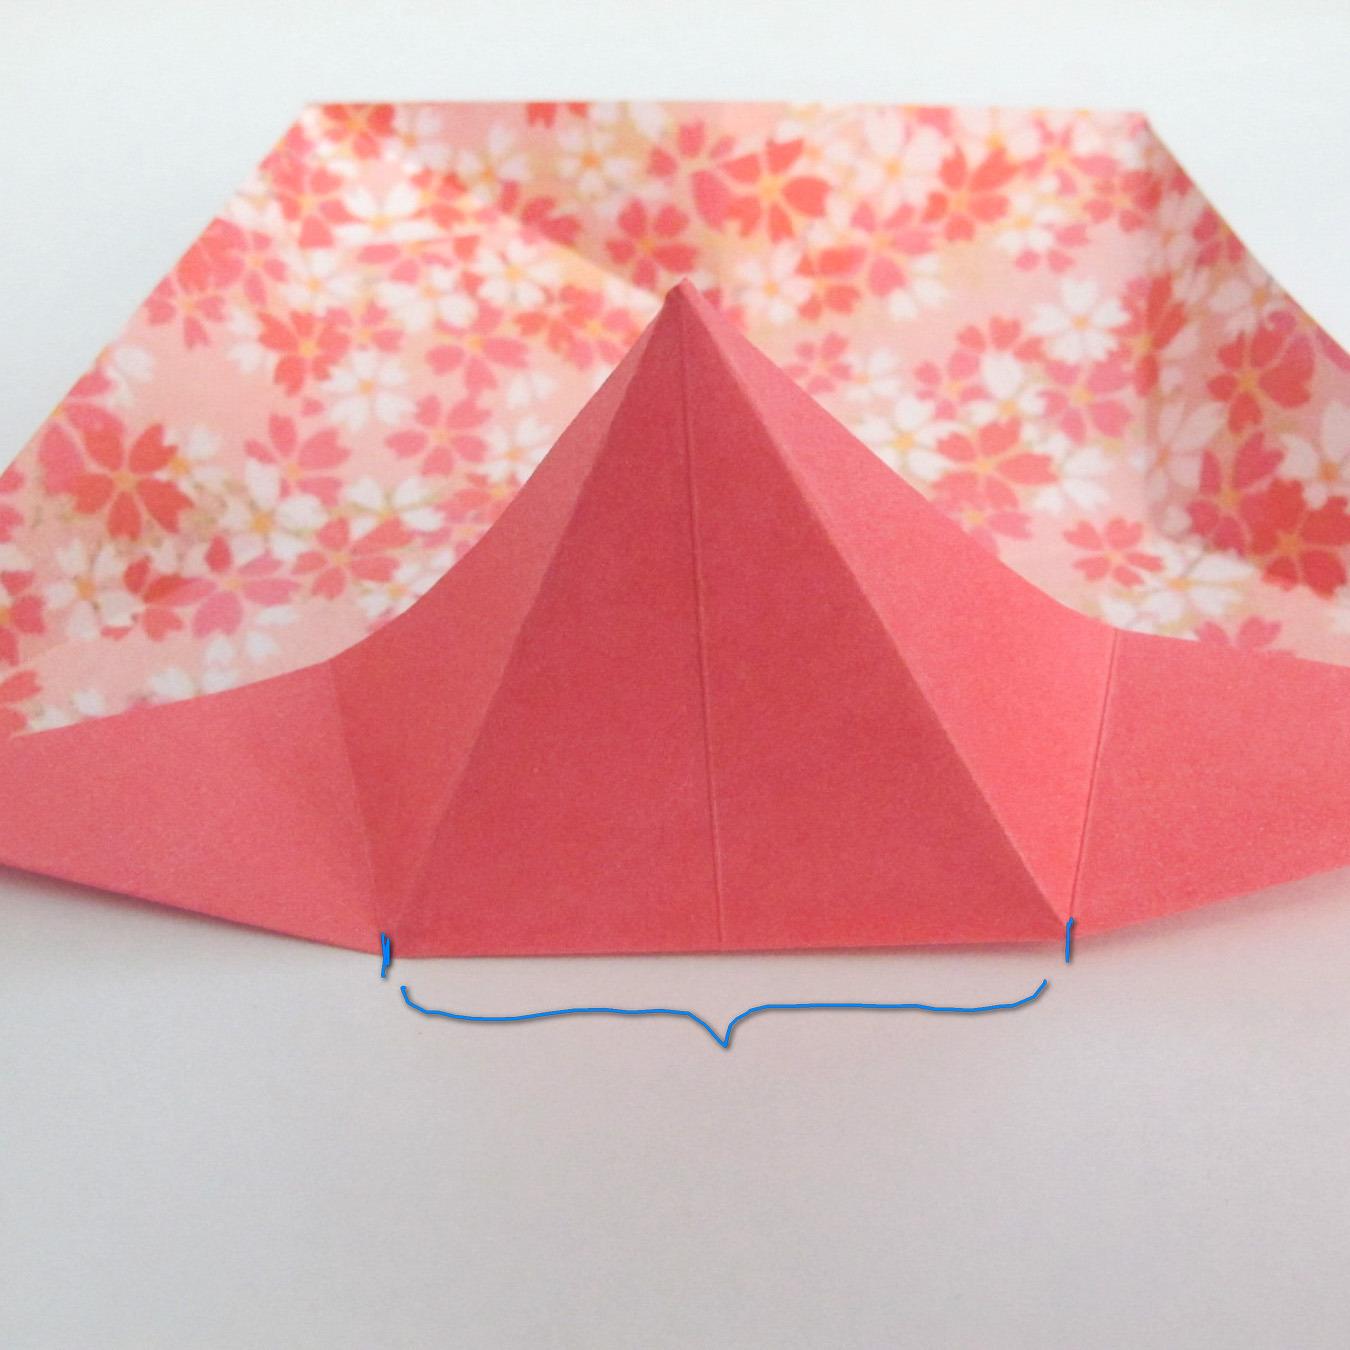 สอนวิธีการพับกระดาษเป็นดอกมะเฟือง (Origami Carambola) 011